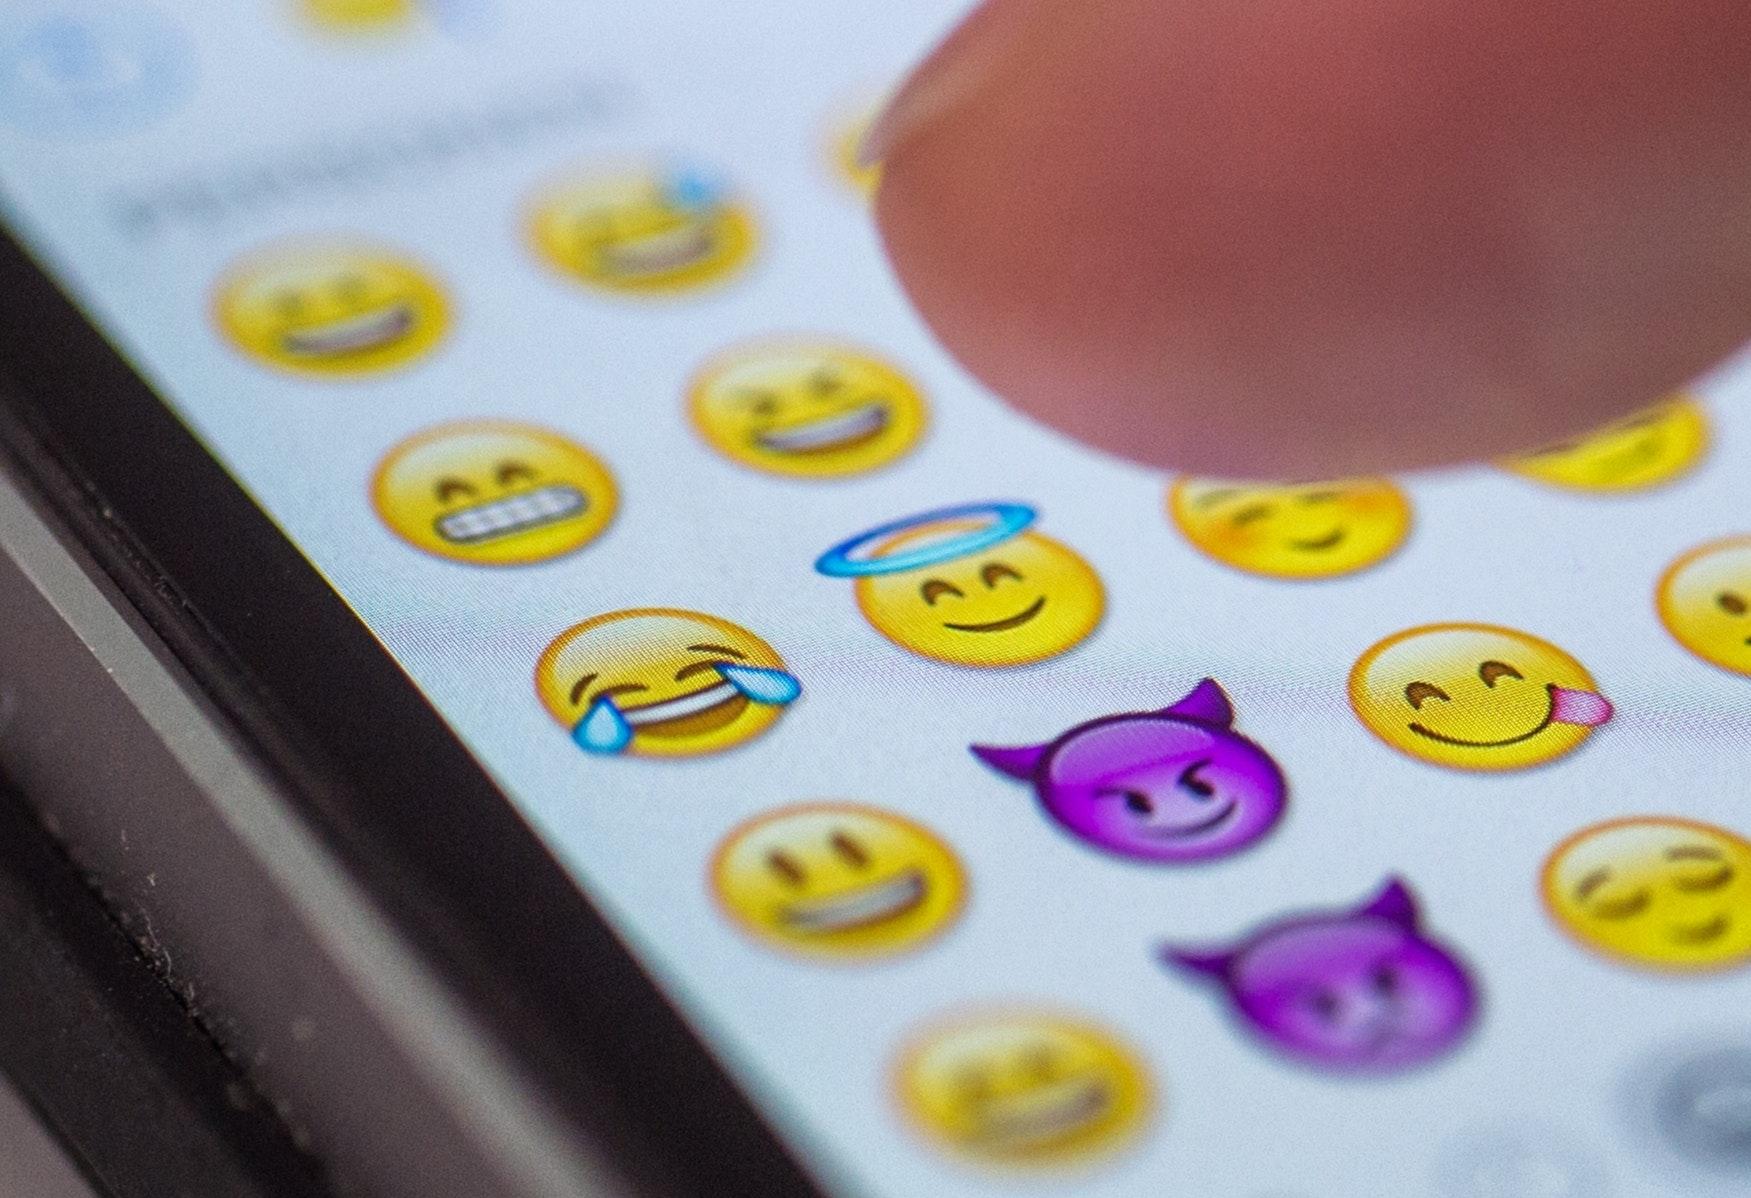 Smiley bei männern bedeutet zwinker was 12 Anzeichen: